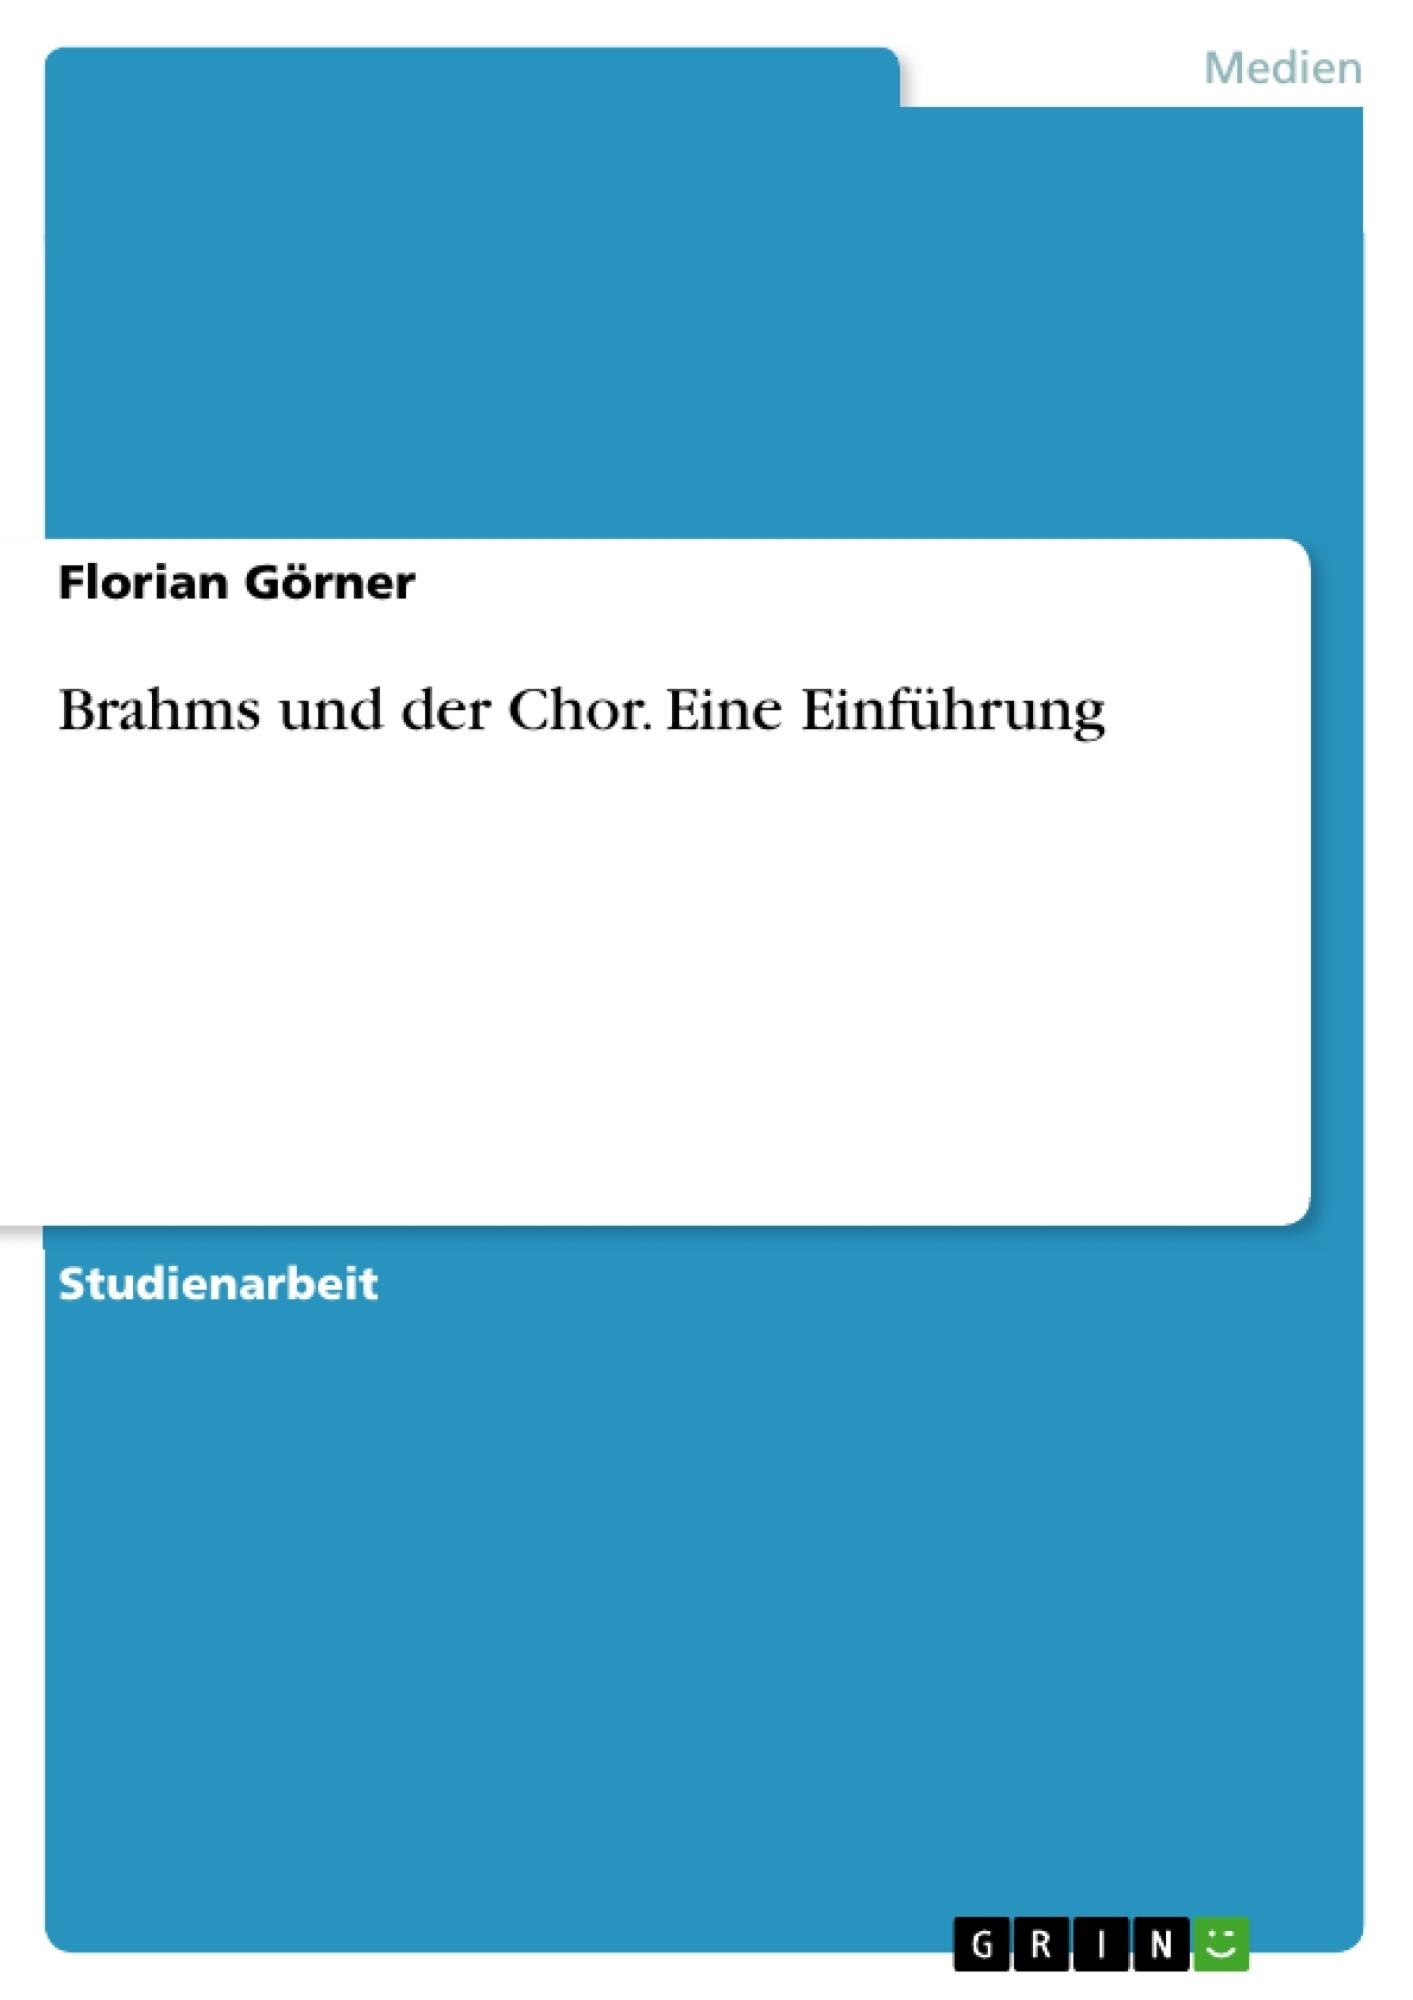 Titel: Brahms und der Chor. Eine Einführung